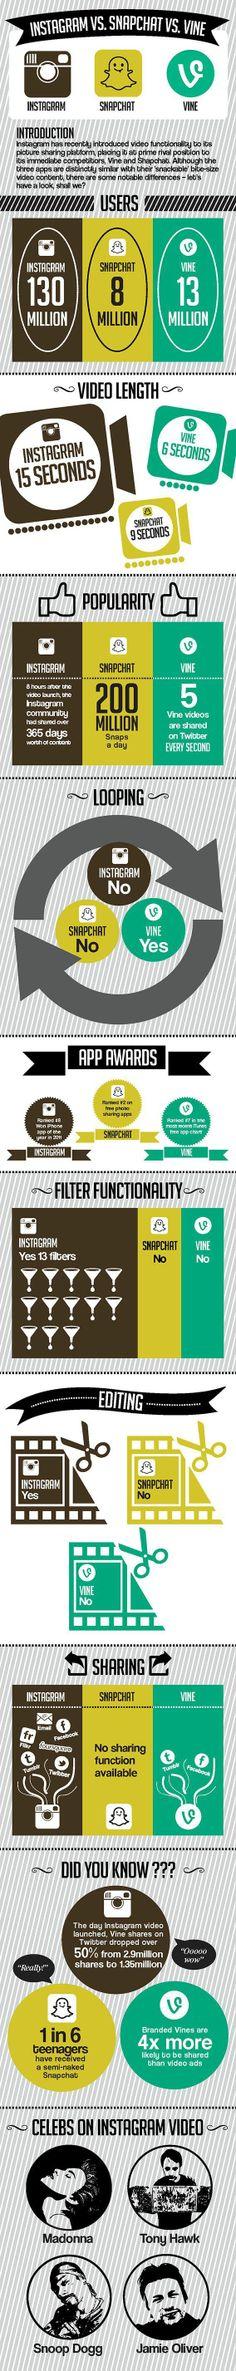 Instagram vs SnapChat vs Vine #infografia #infographic #socialmedia